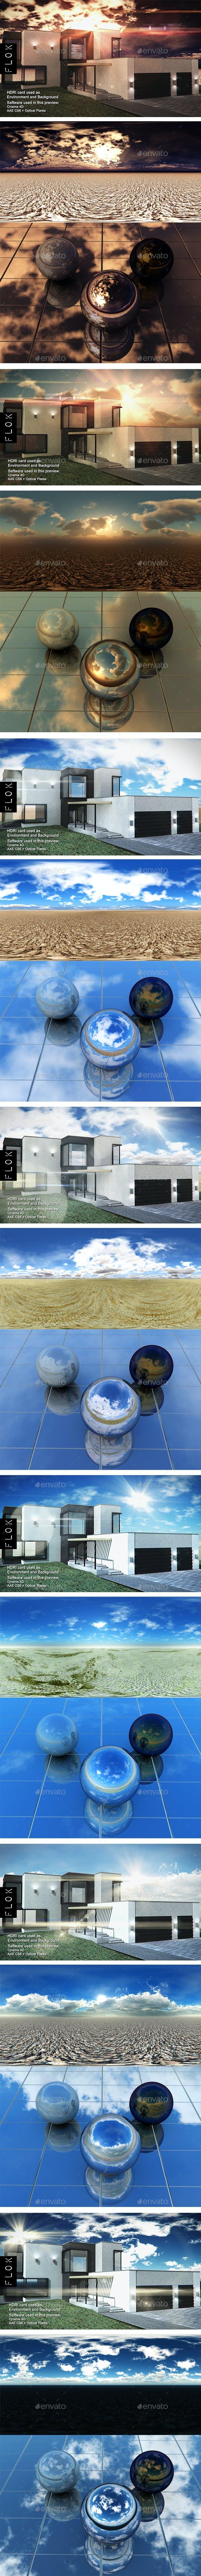 HDRI Pack - Desert vol 24 - 3DOcean Item for Sale